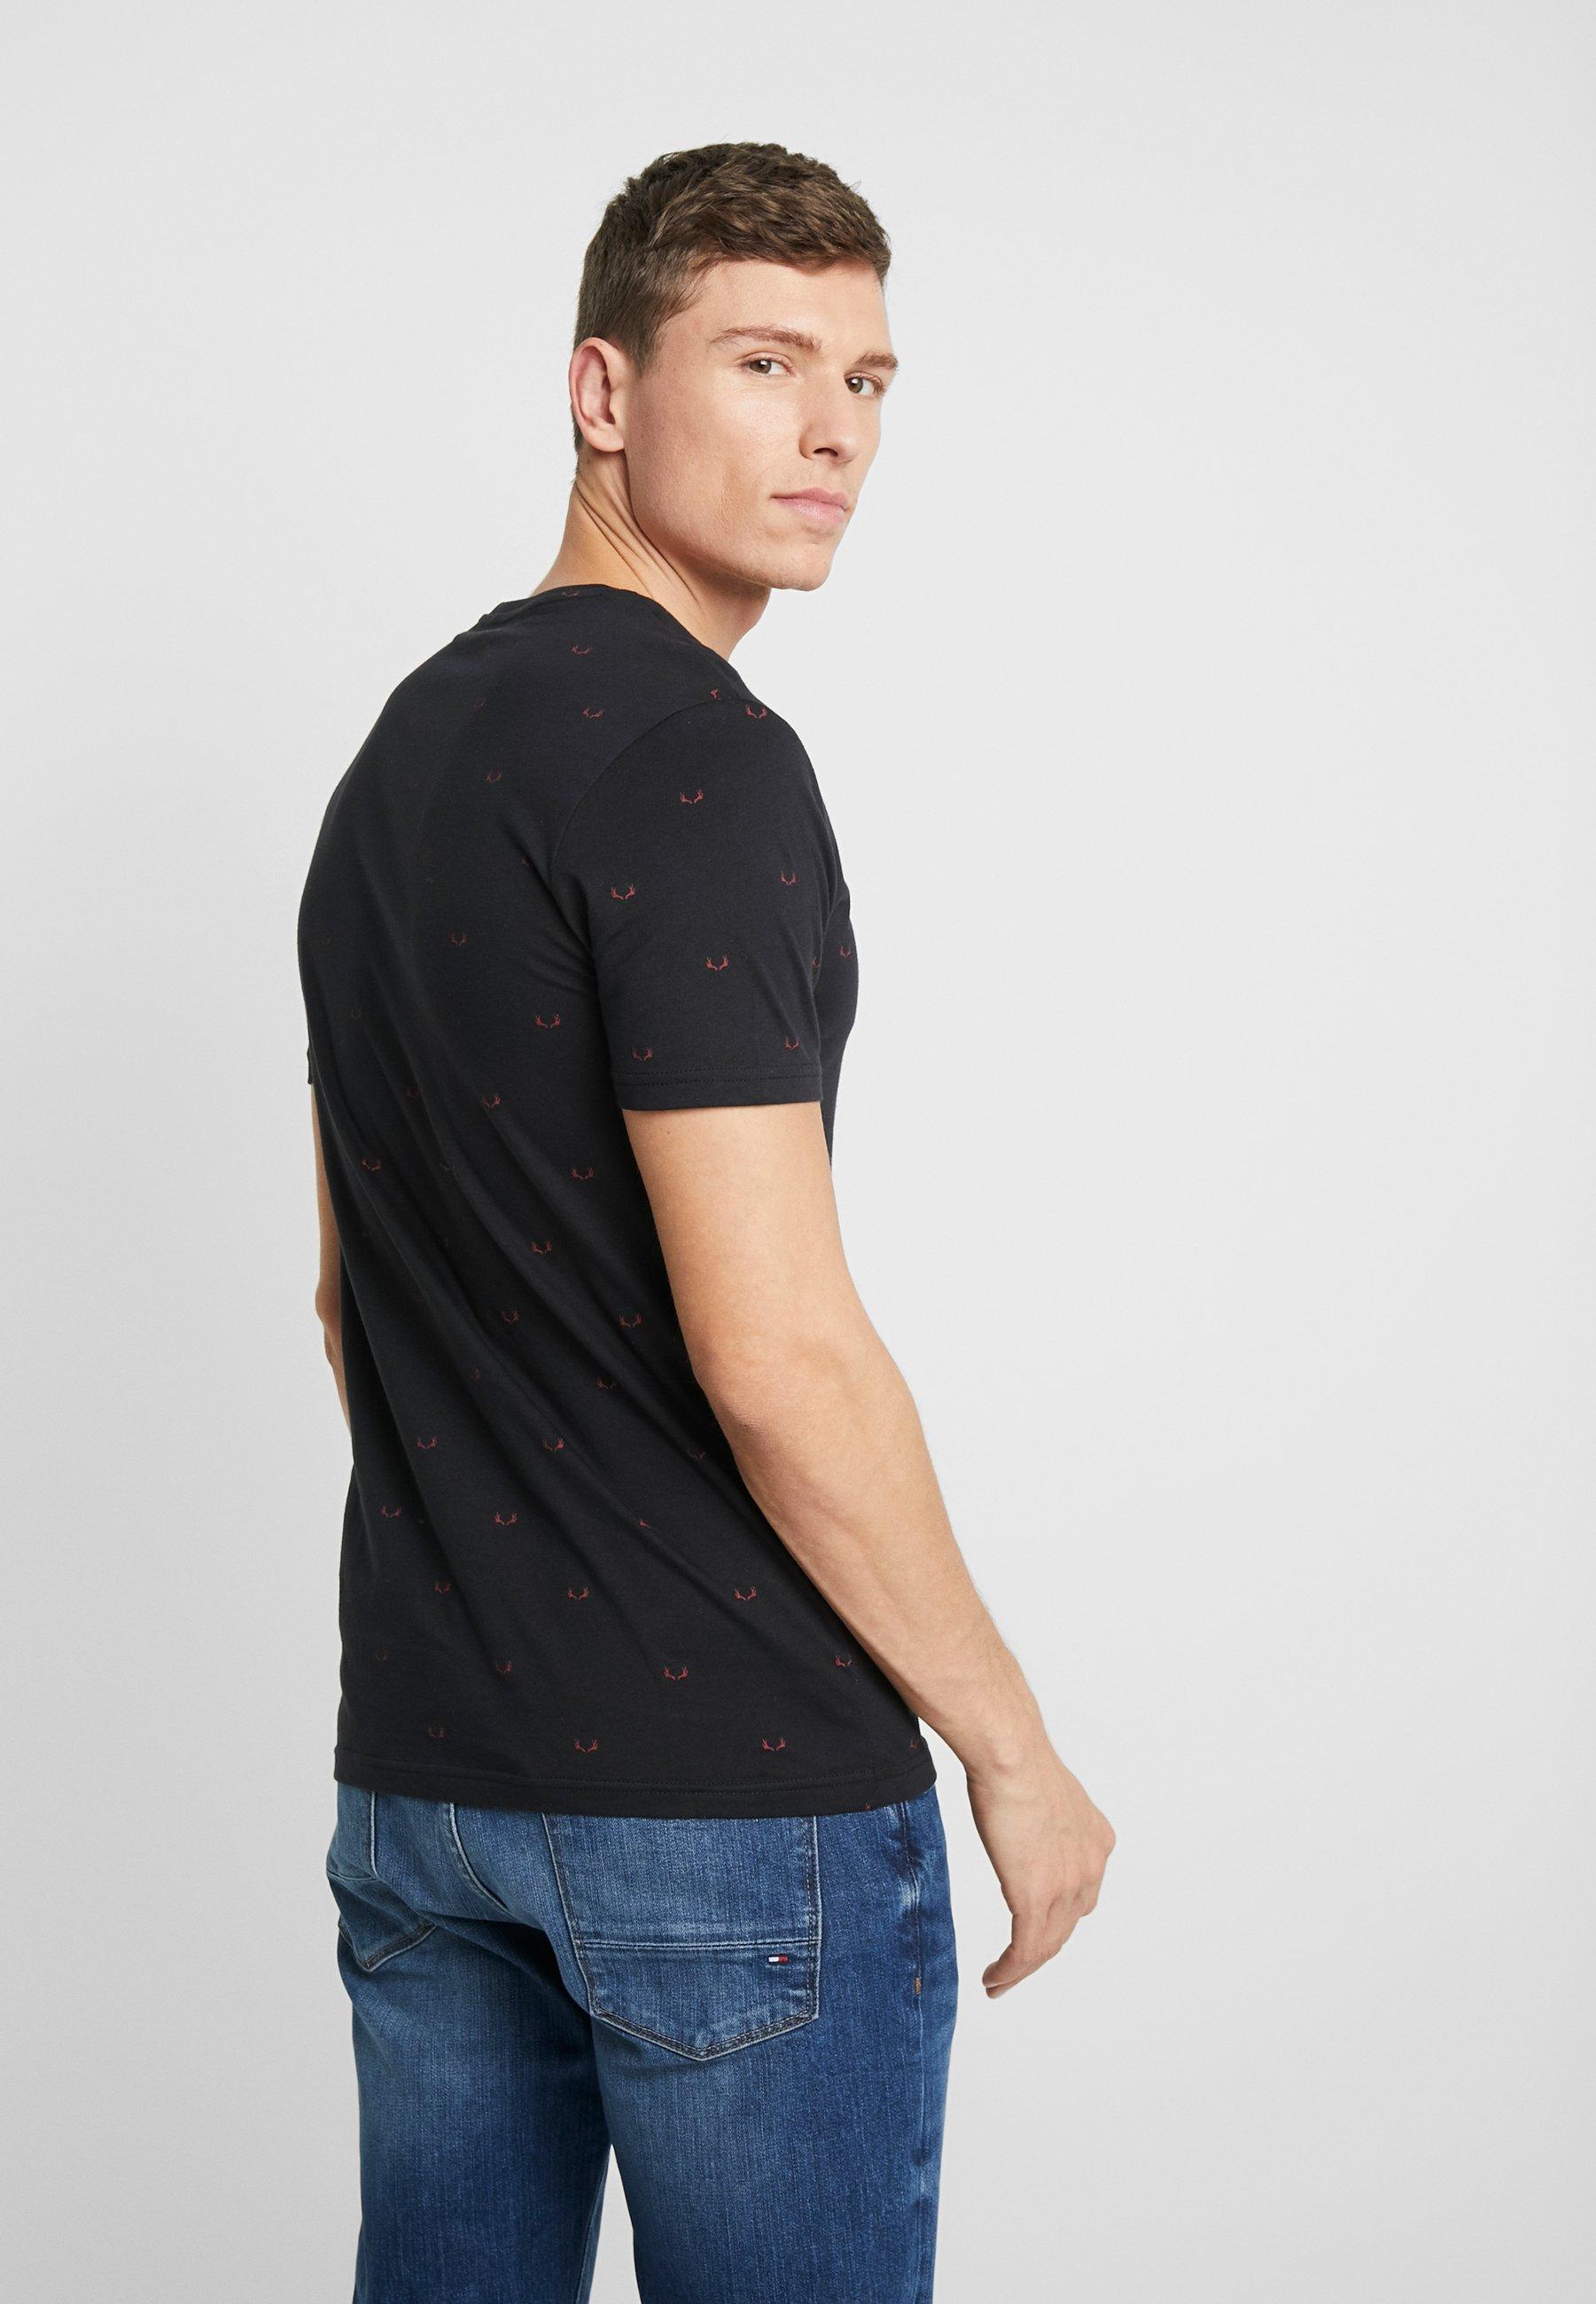 Pier One Camiseta estampada black